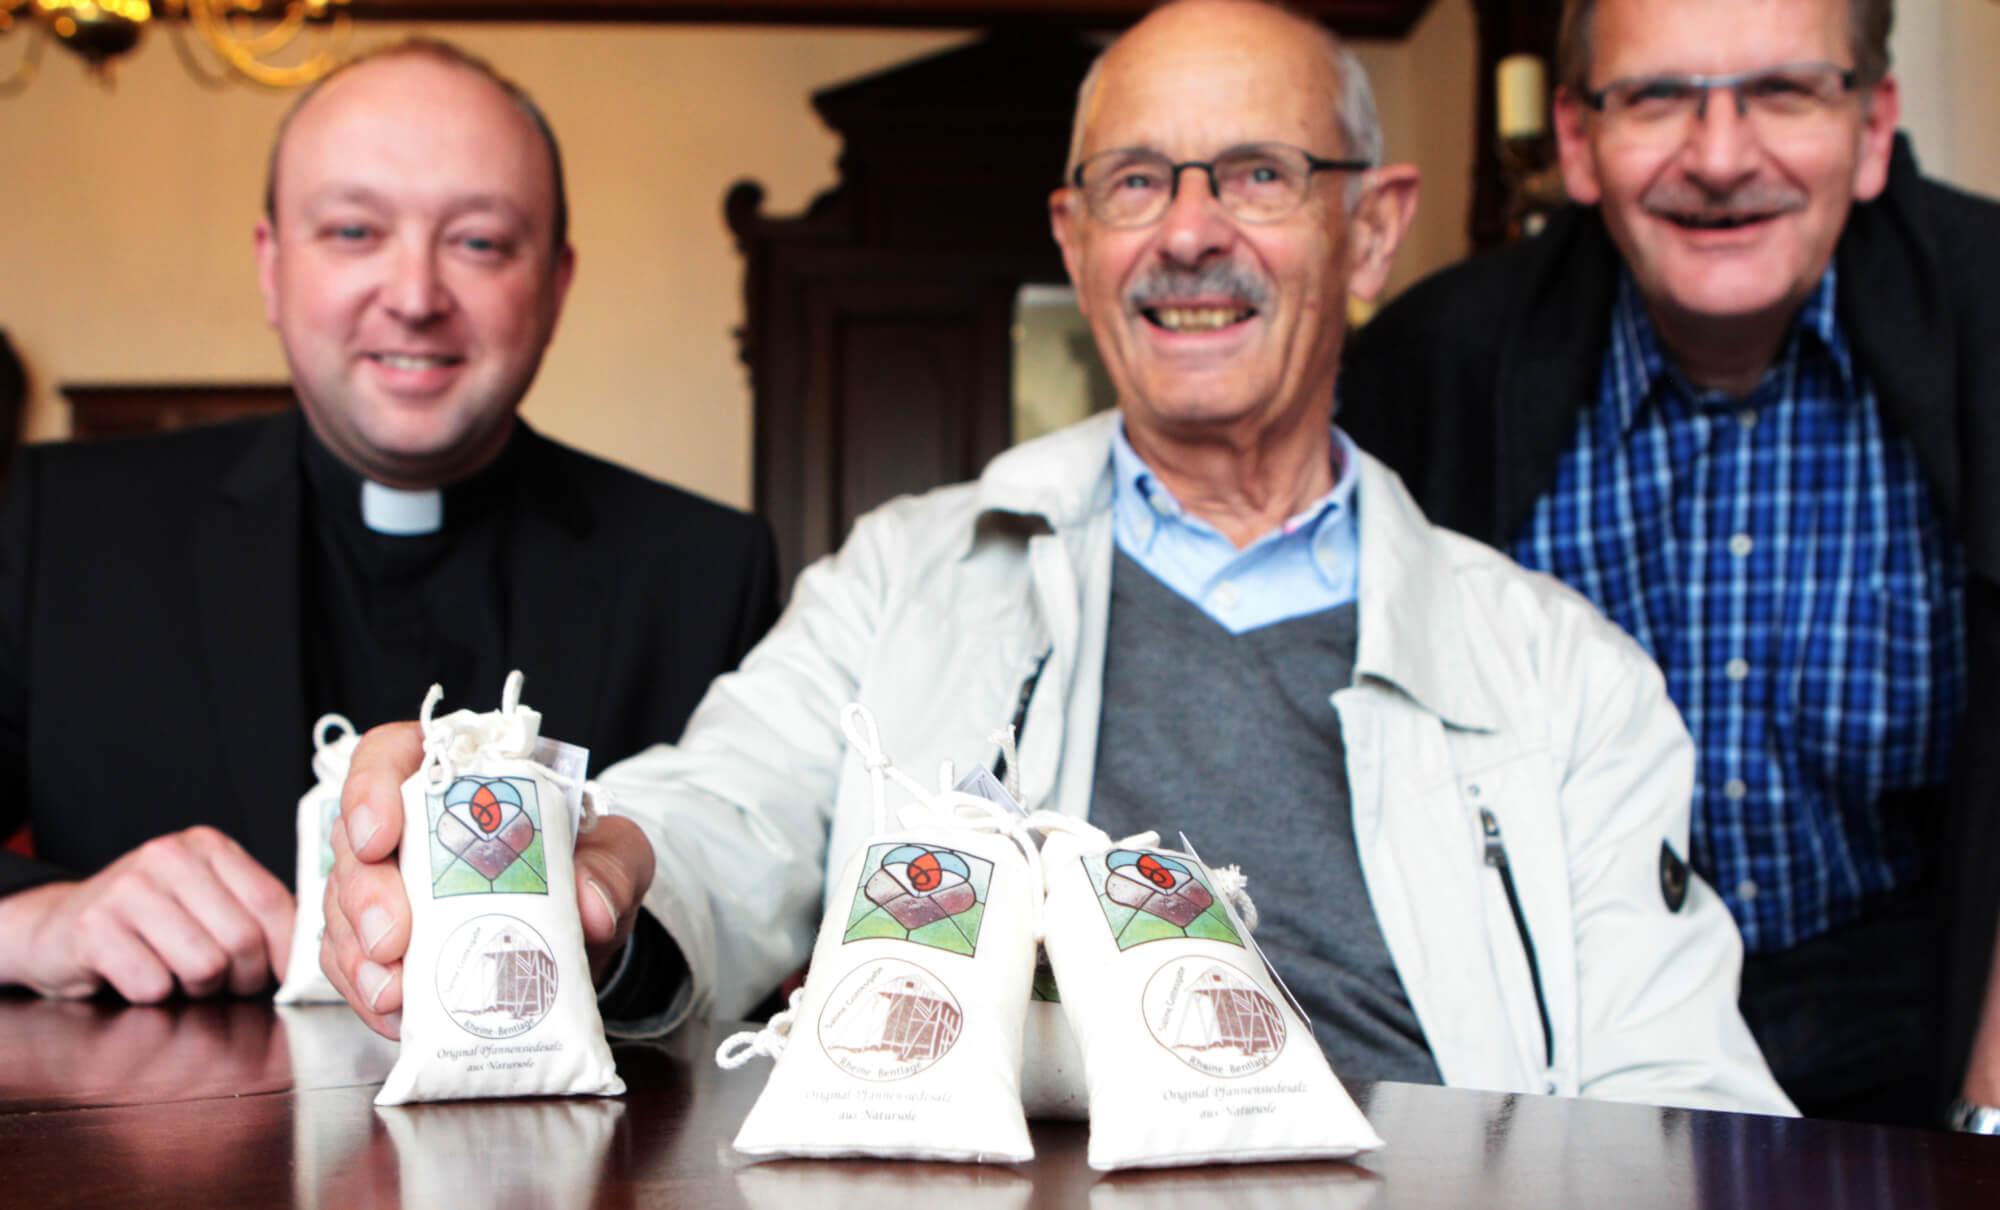 Bentlager Salz als Geschenk für Firmlinge in der Schweiz.